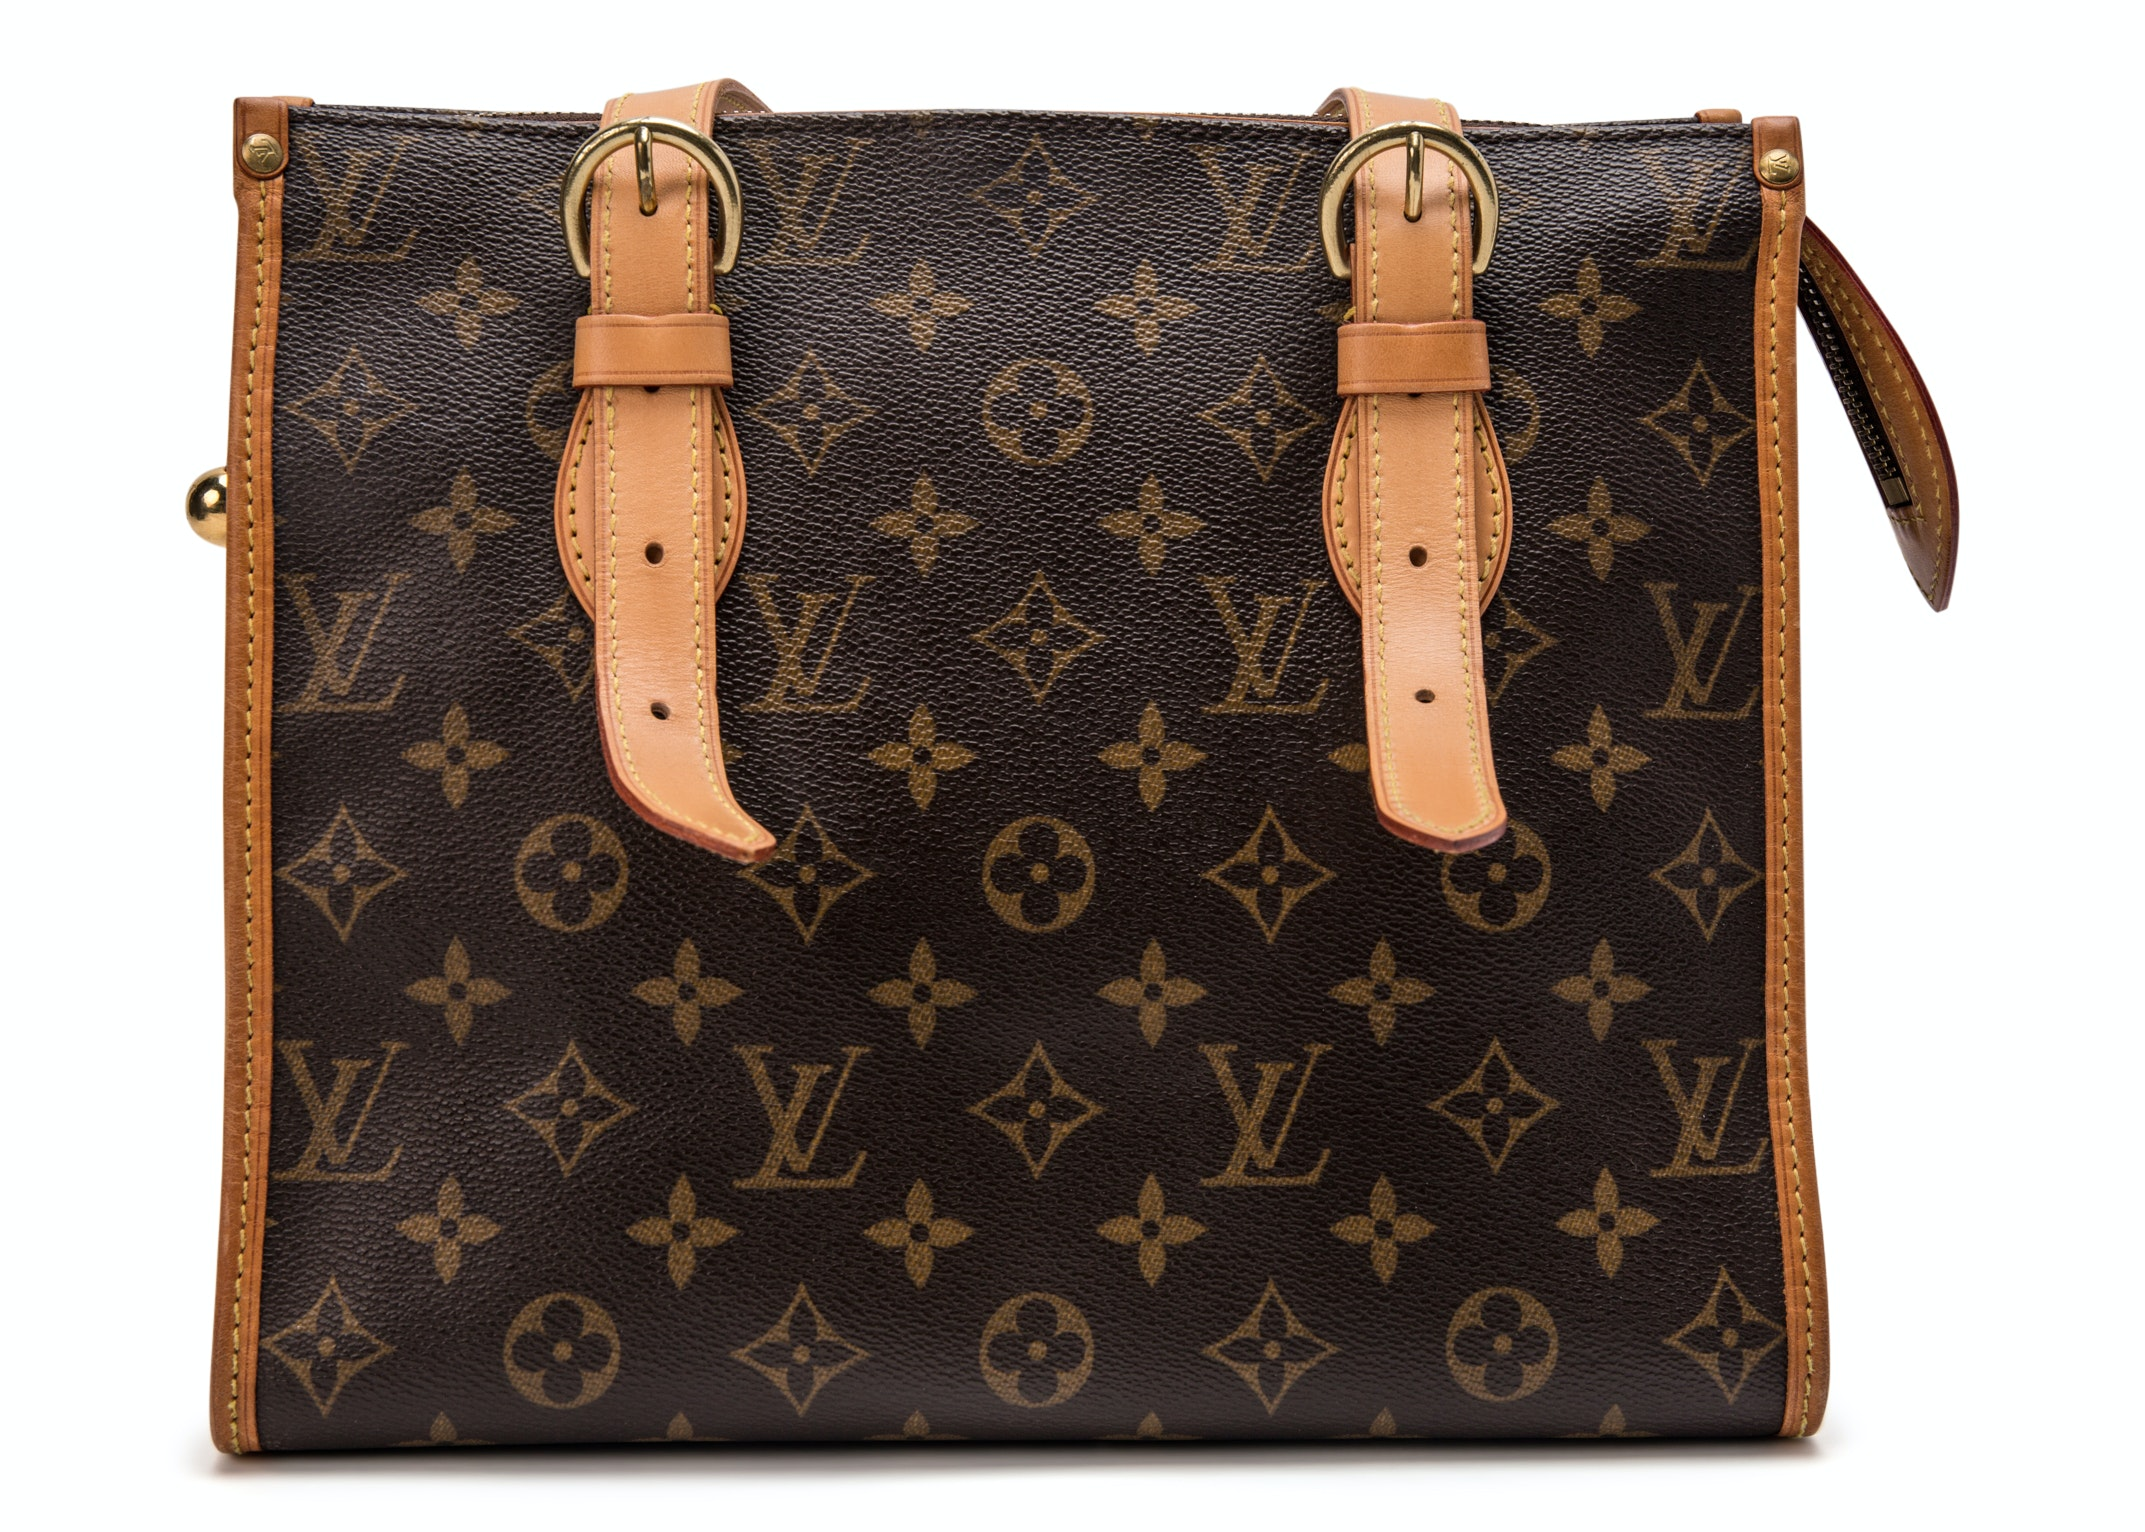 Louis Vuitton Popincourt Haut Monogram Brown